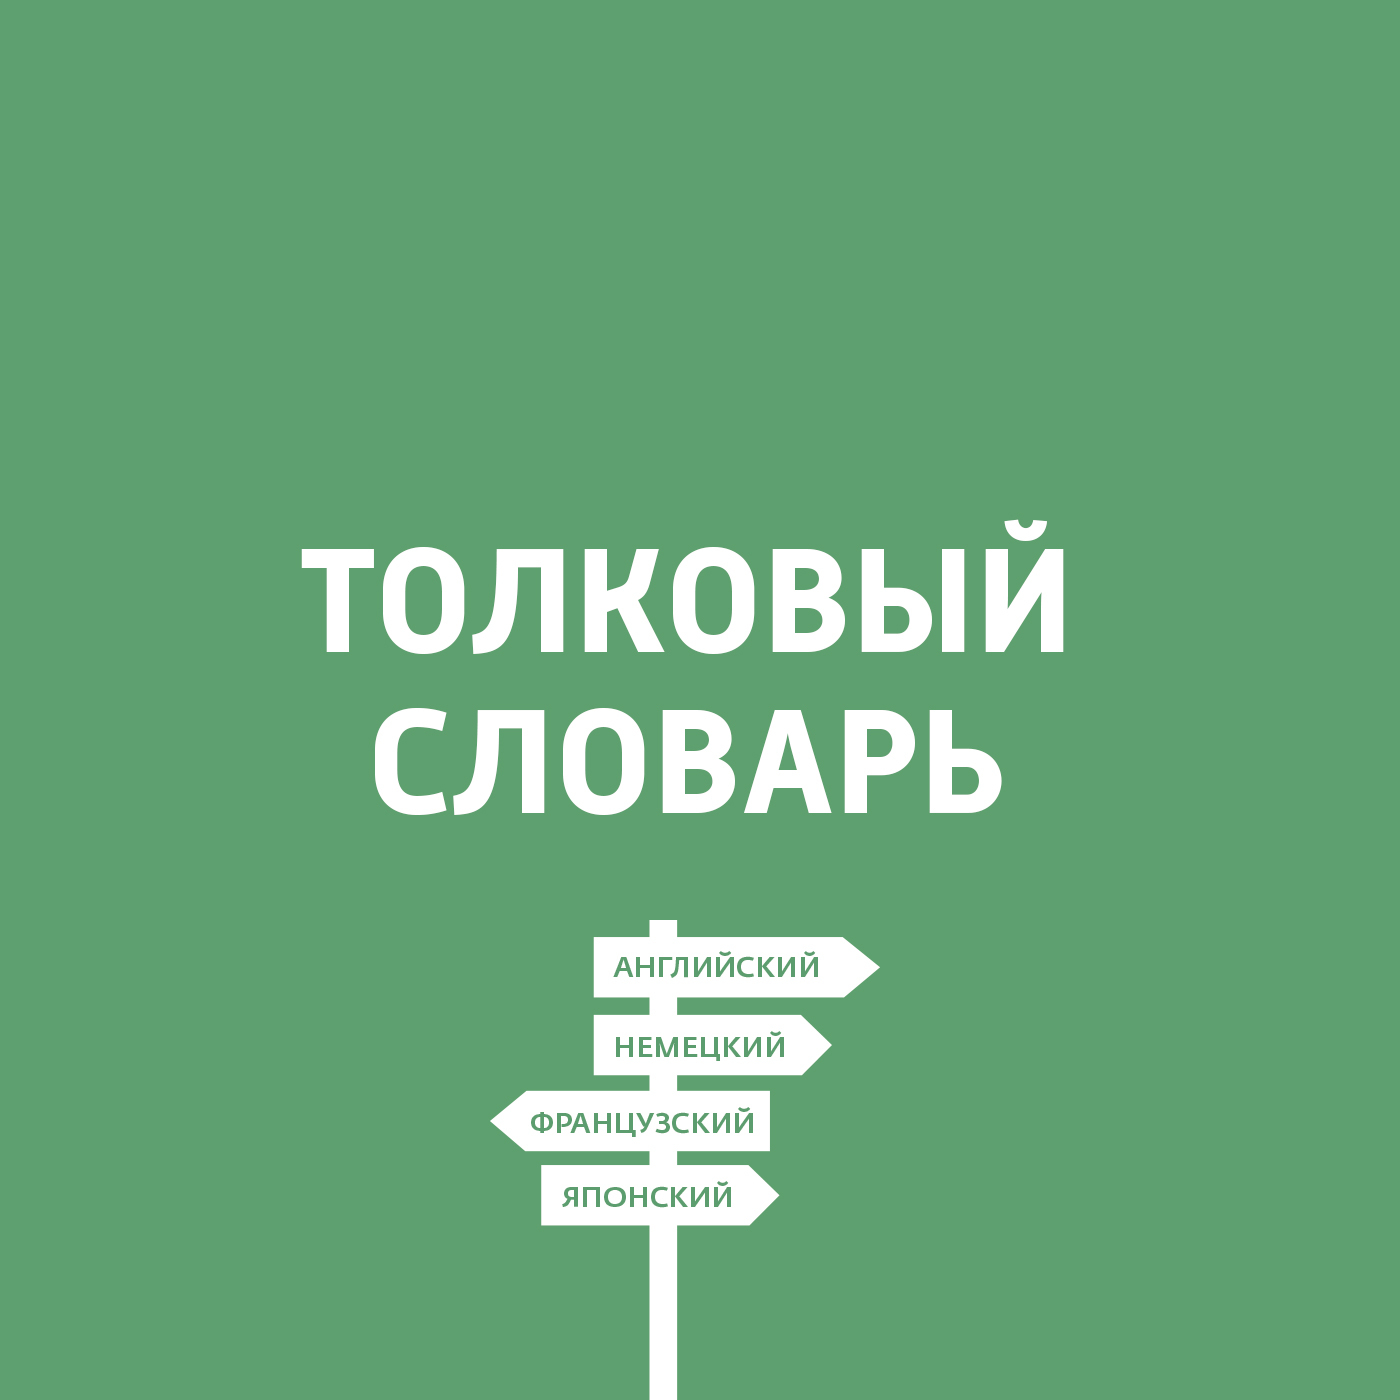 Дмитрий Петров Изучаем иностранный язык